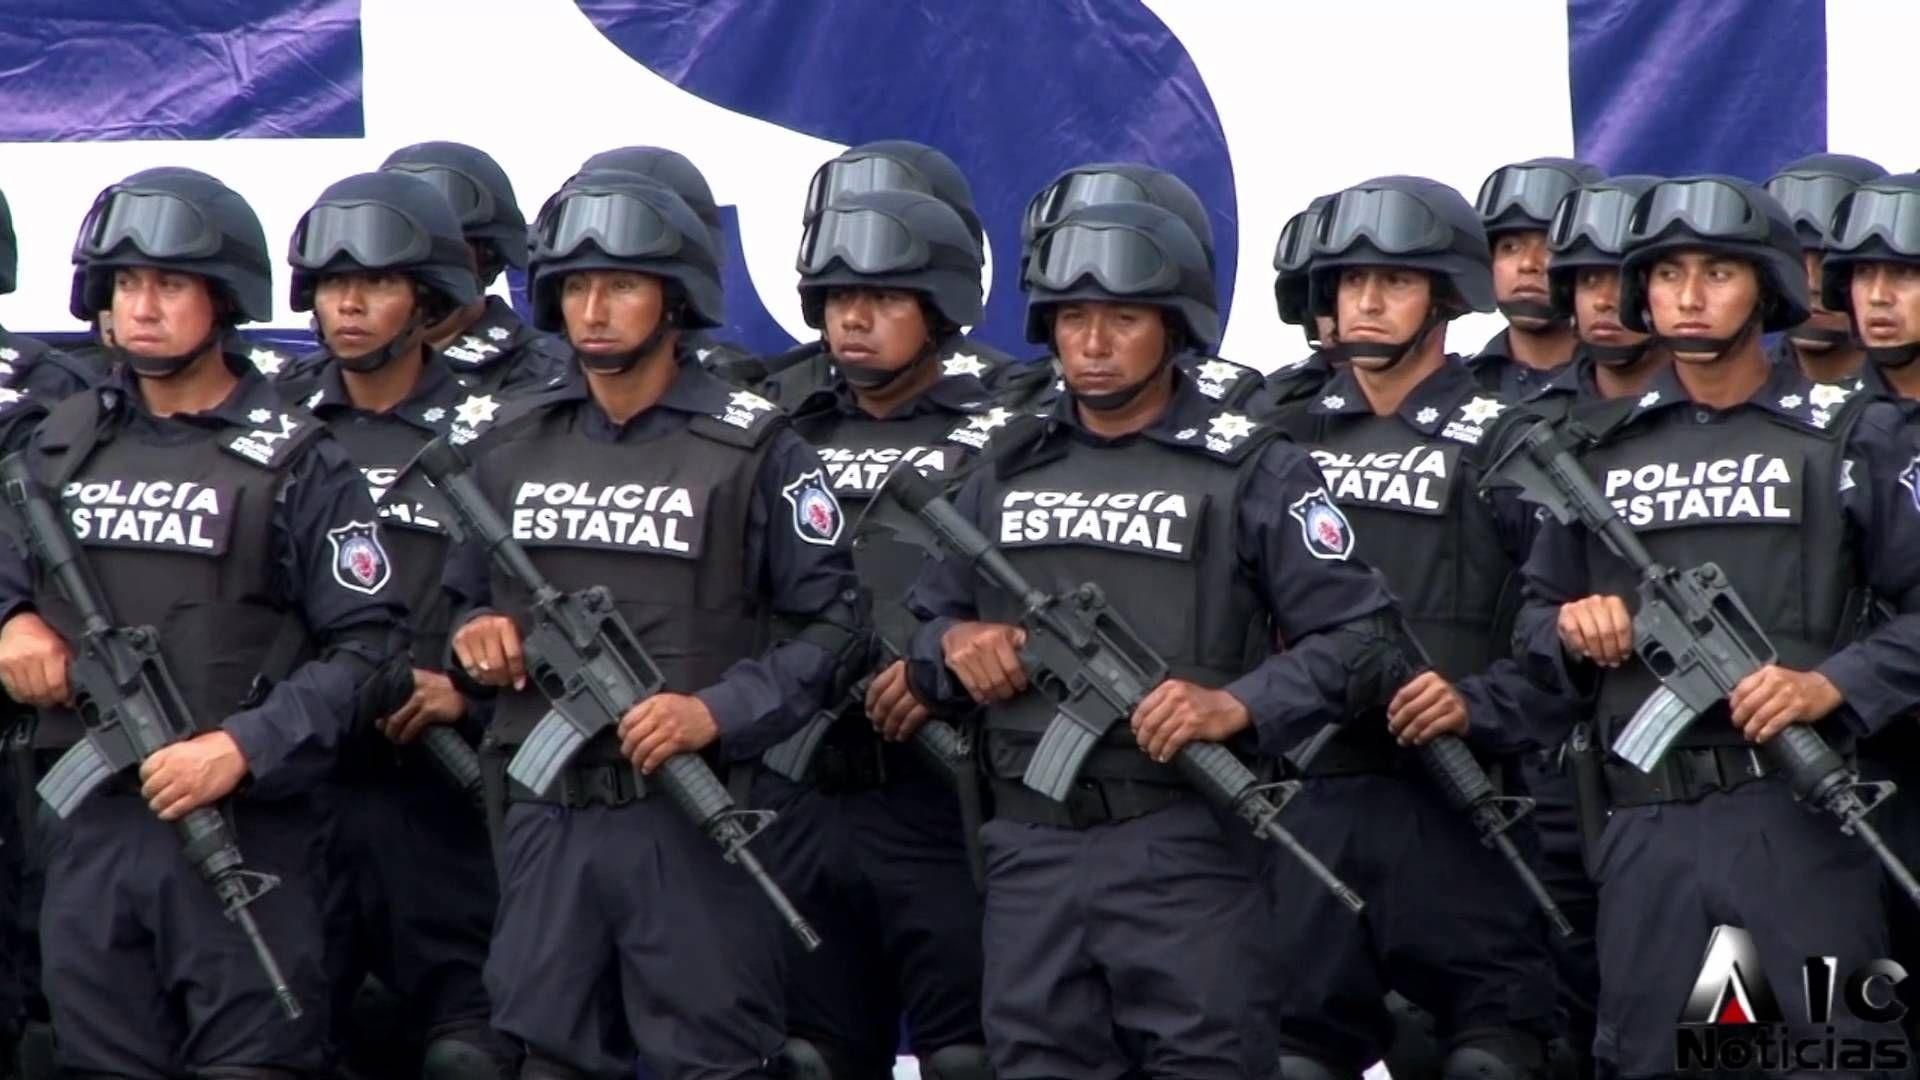 ¿Qué parte del trabajo de los policías valoras más?